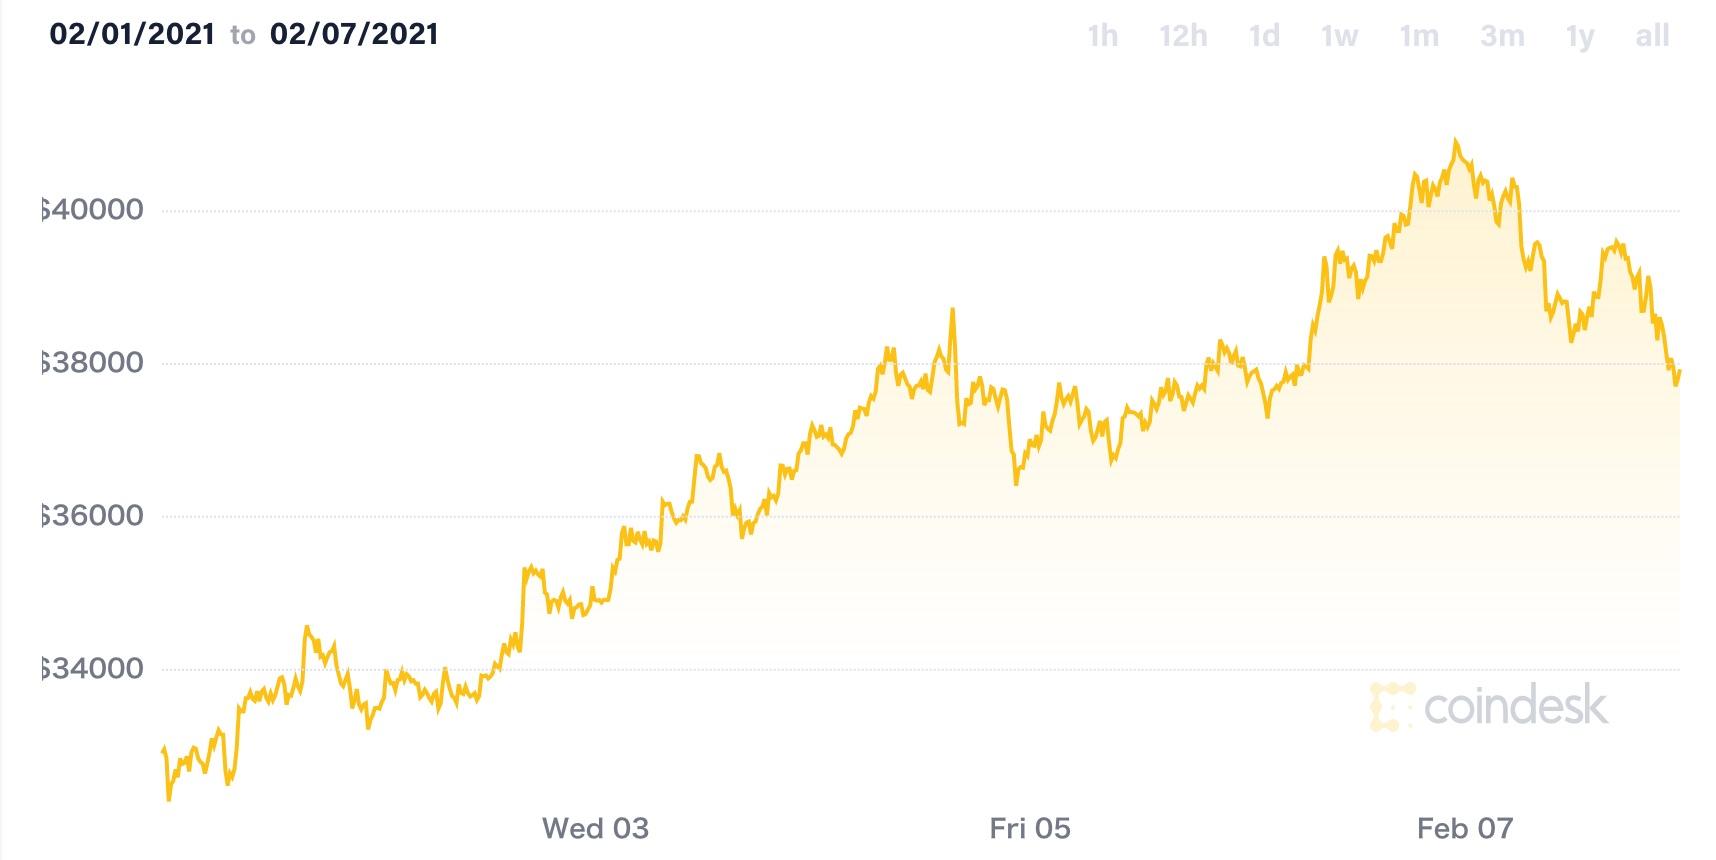 ビットコイン価格チャート(2月1日〜2月7日)